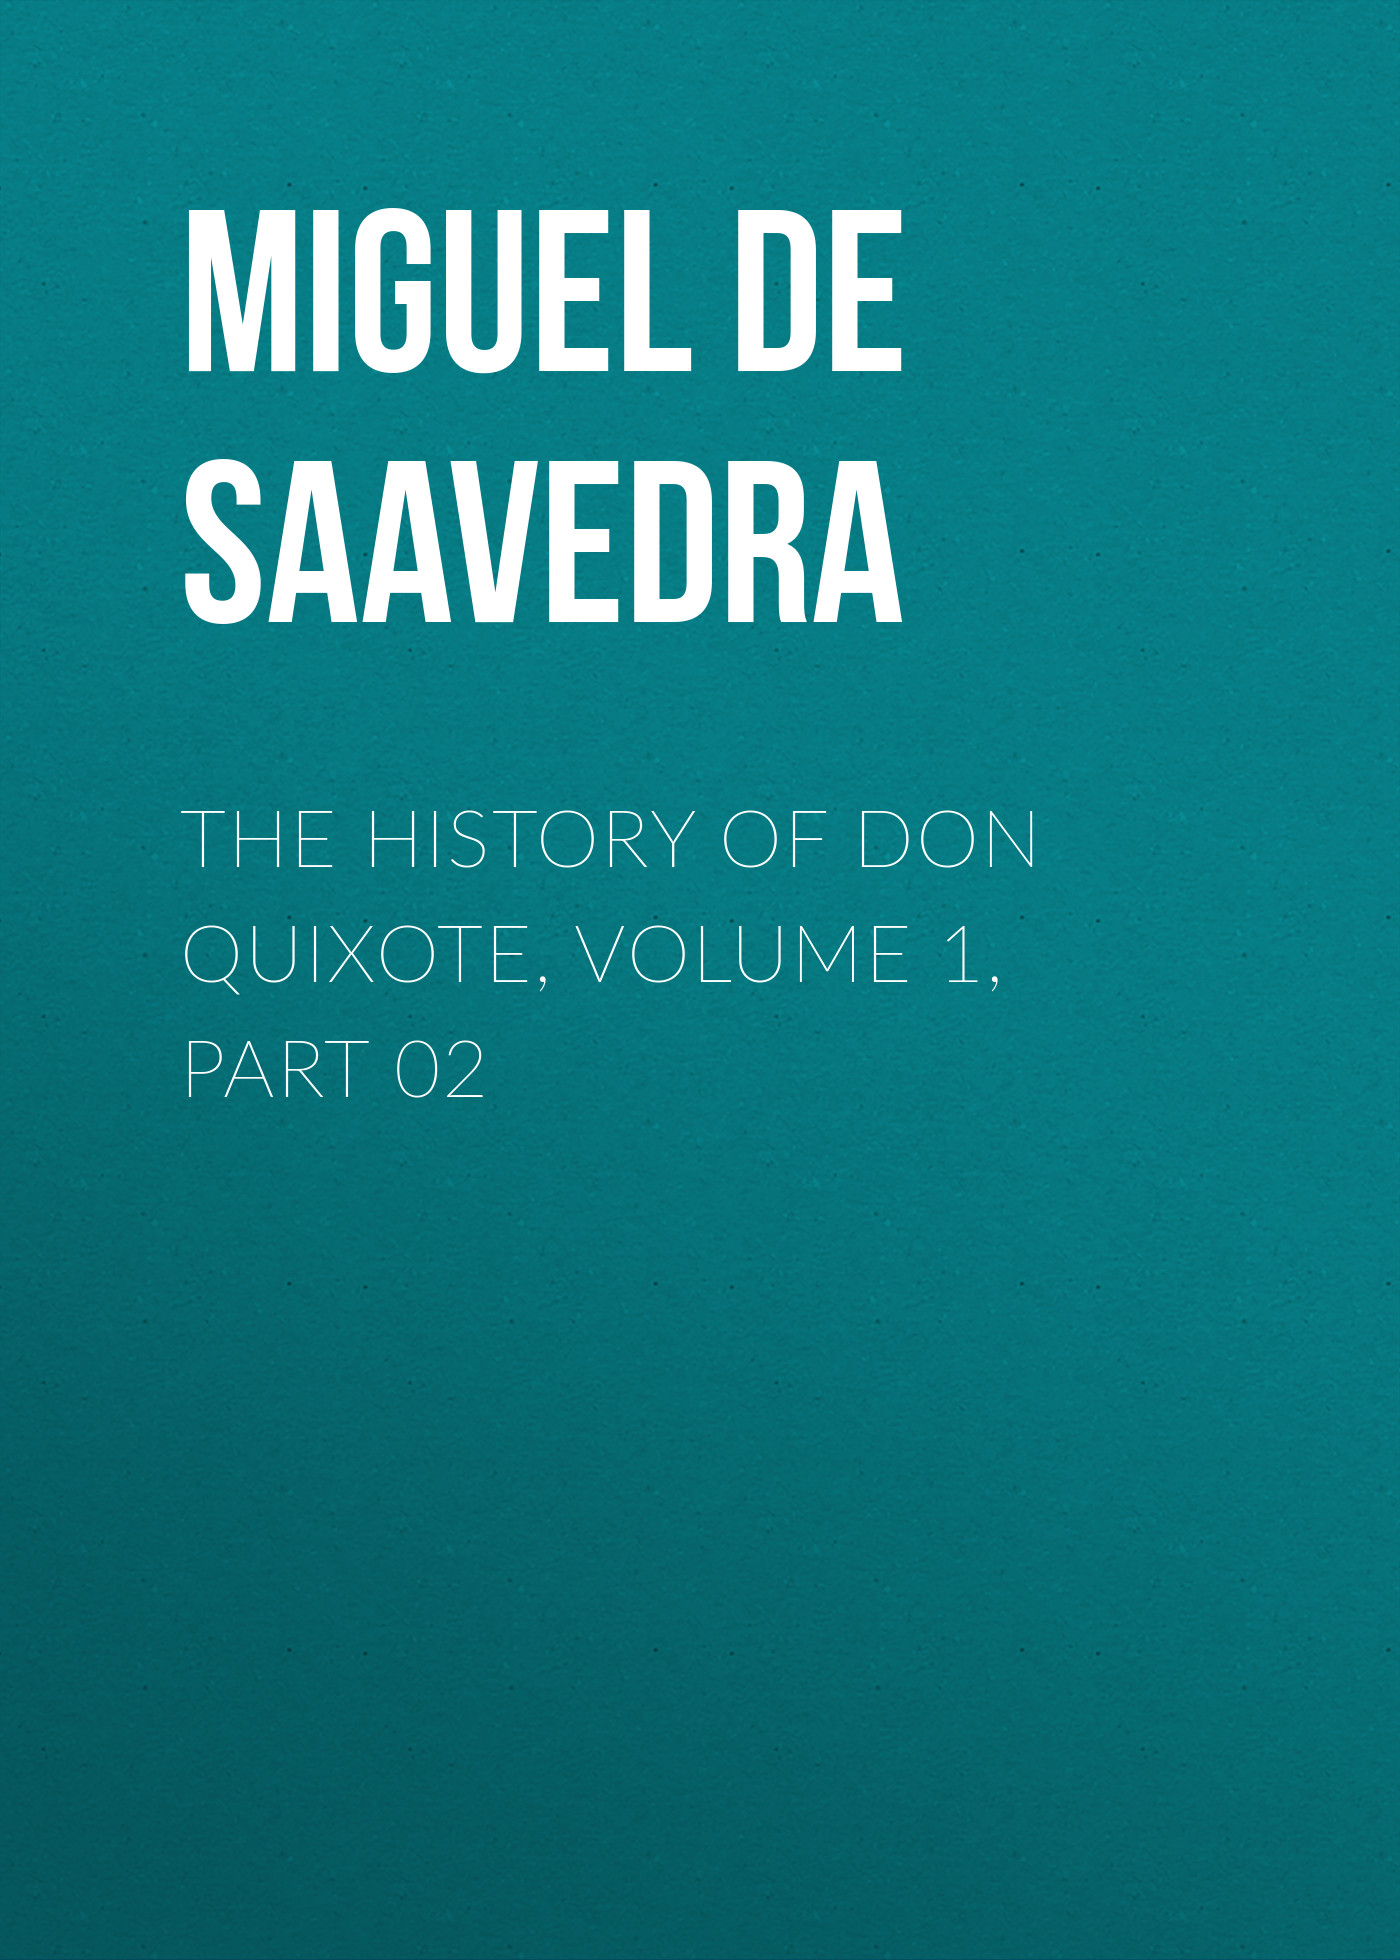 Мигель де Сервантес Сааведра The History of Don Quixote, Volume 1, Part 02 miguel de cervantes saavedra the history of don quixote volume 1 part 03